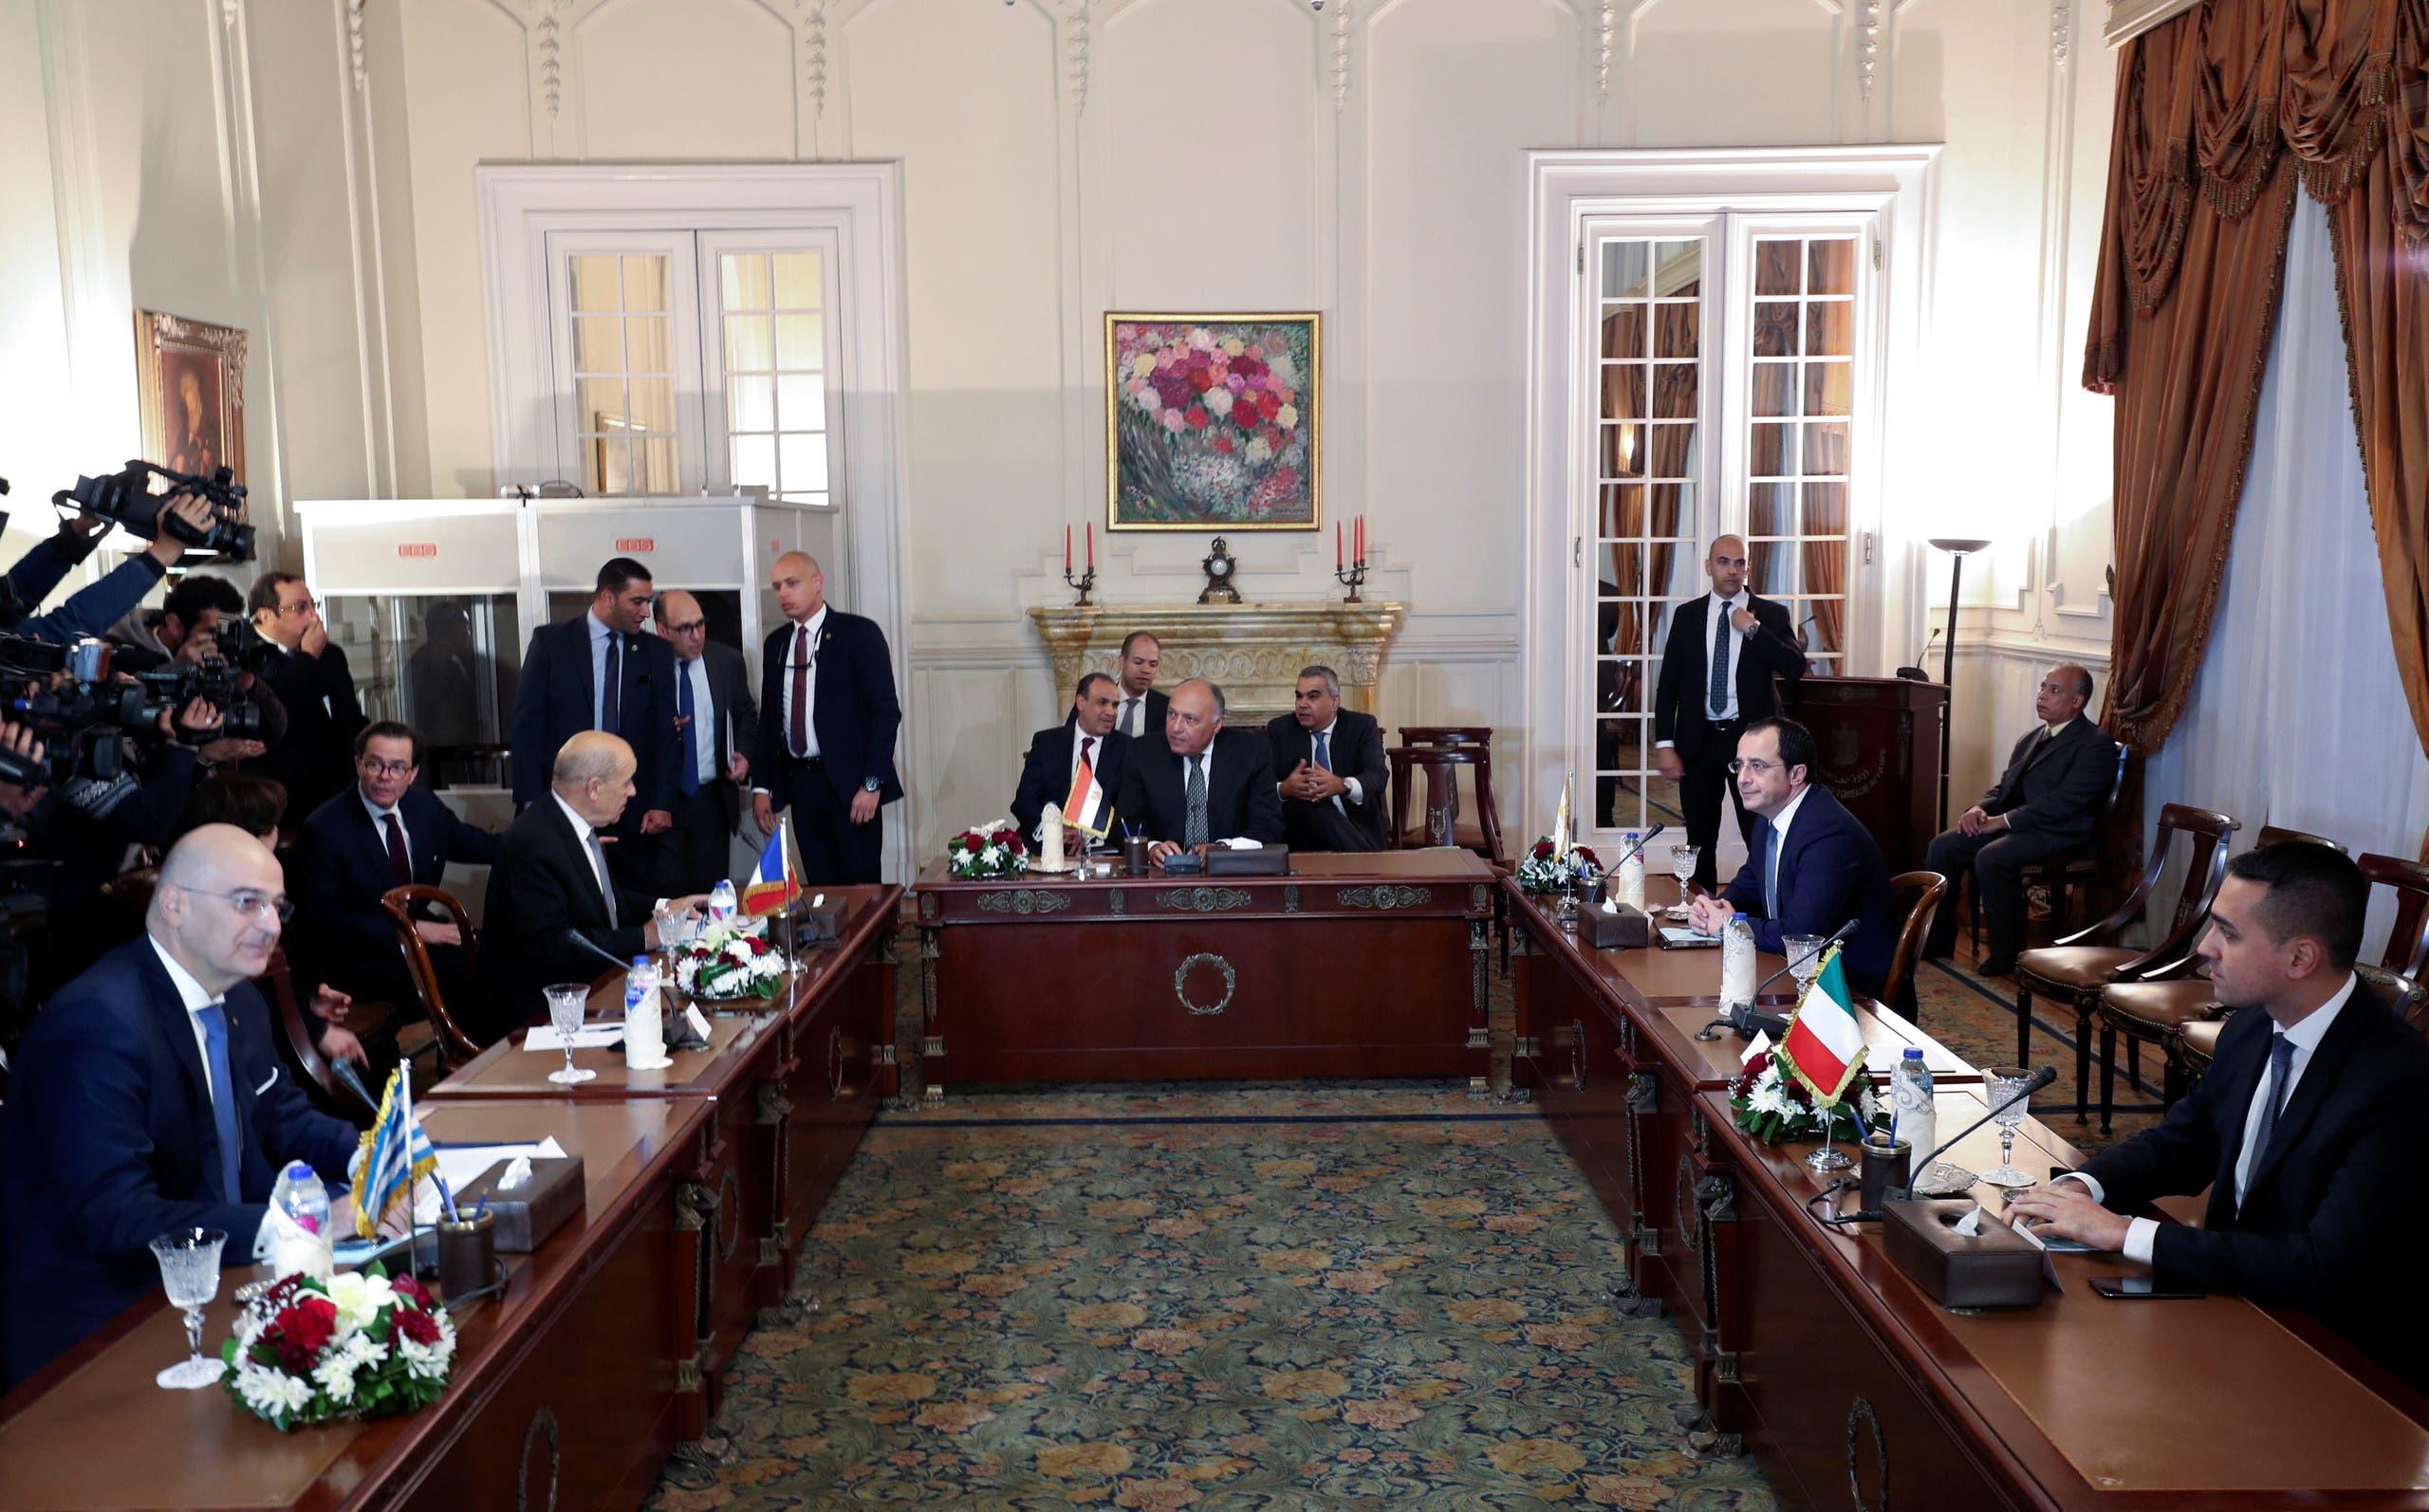 اجتماع حول ليبيا ضم وزراء خارجية مصر و فرنسا و قبرص و اليونان في القاهرة